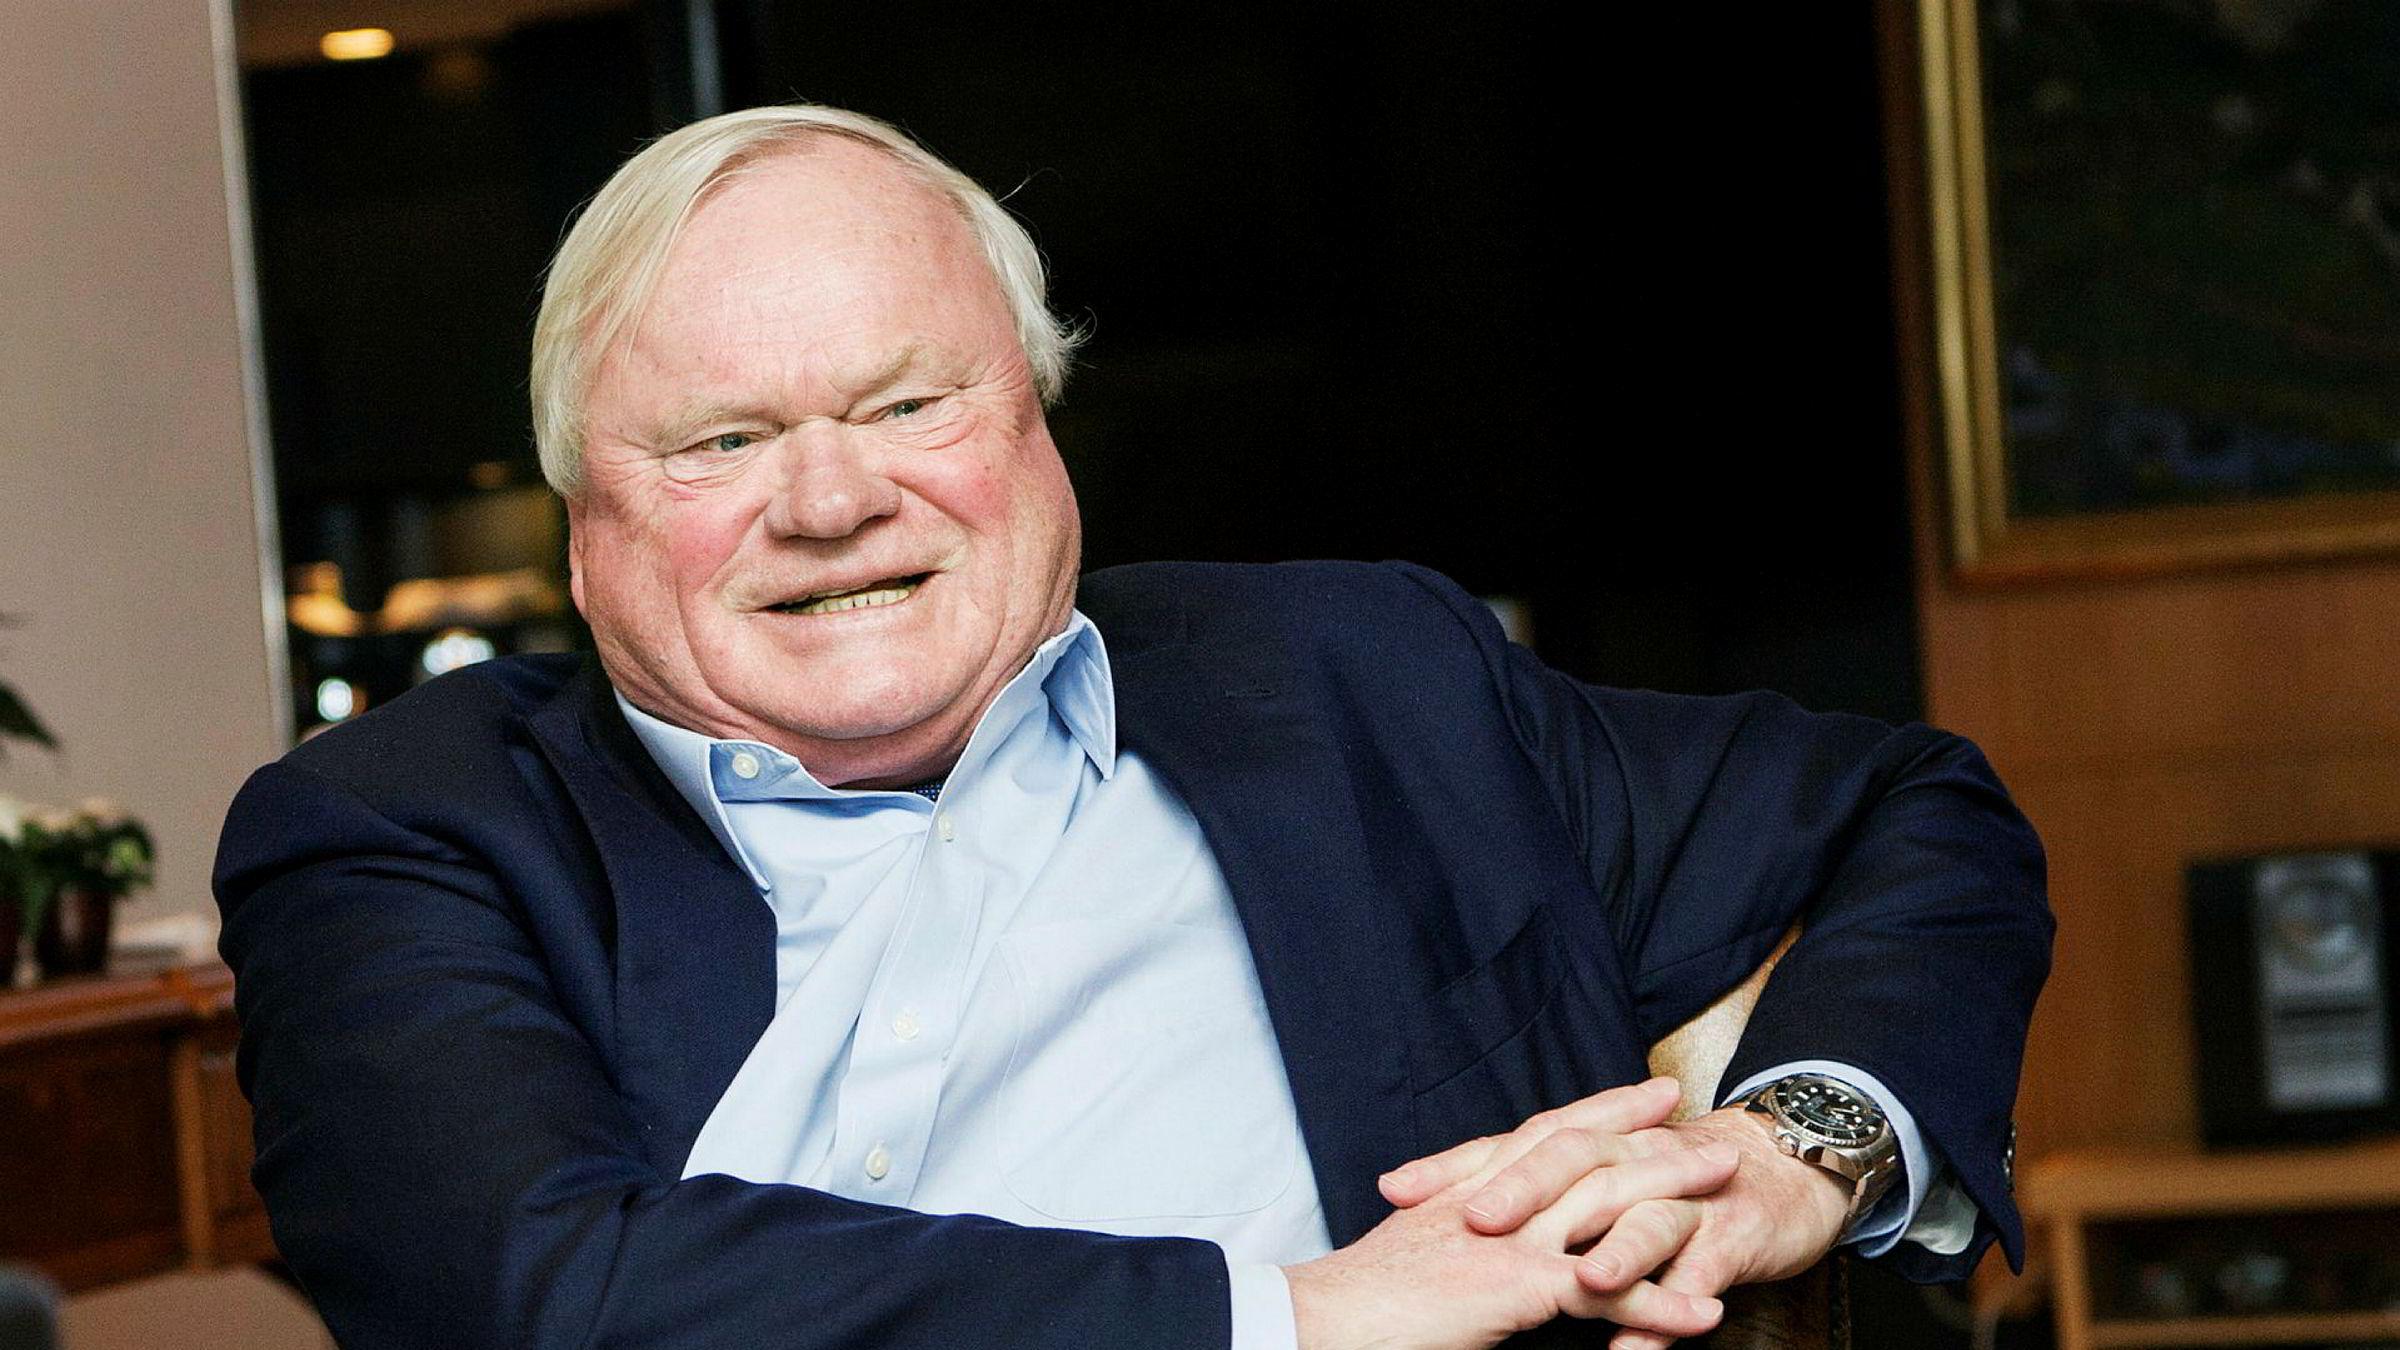 Kreditorene i riggselskapet Seadrill har gitt nødvendig støtte til John Fredriksens redningsplan for det konkurstruede selskapet.